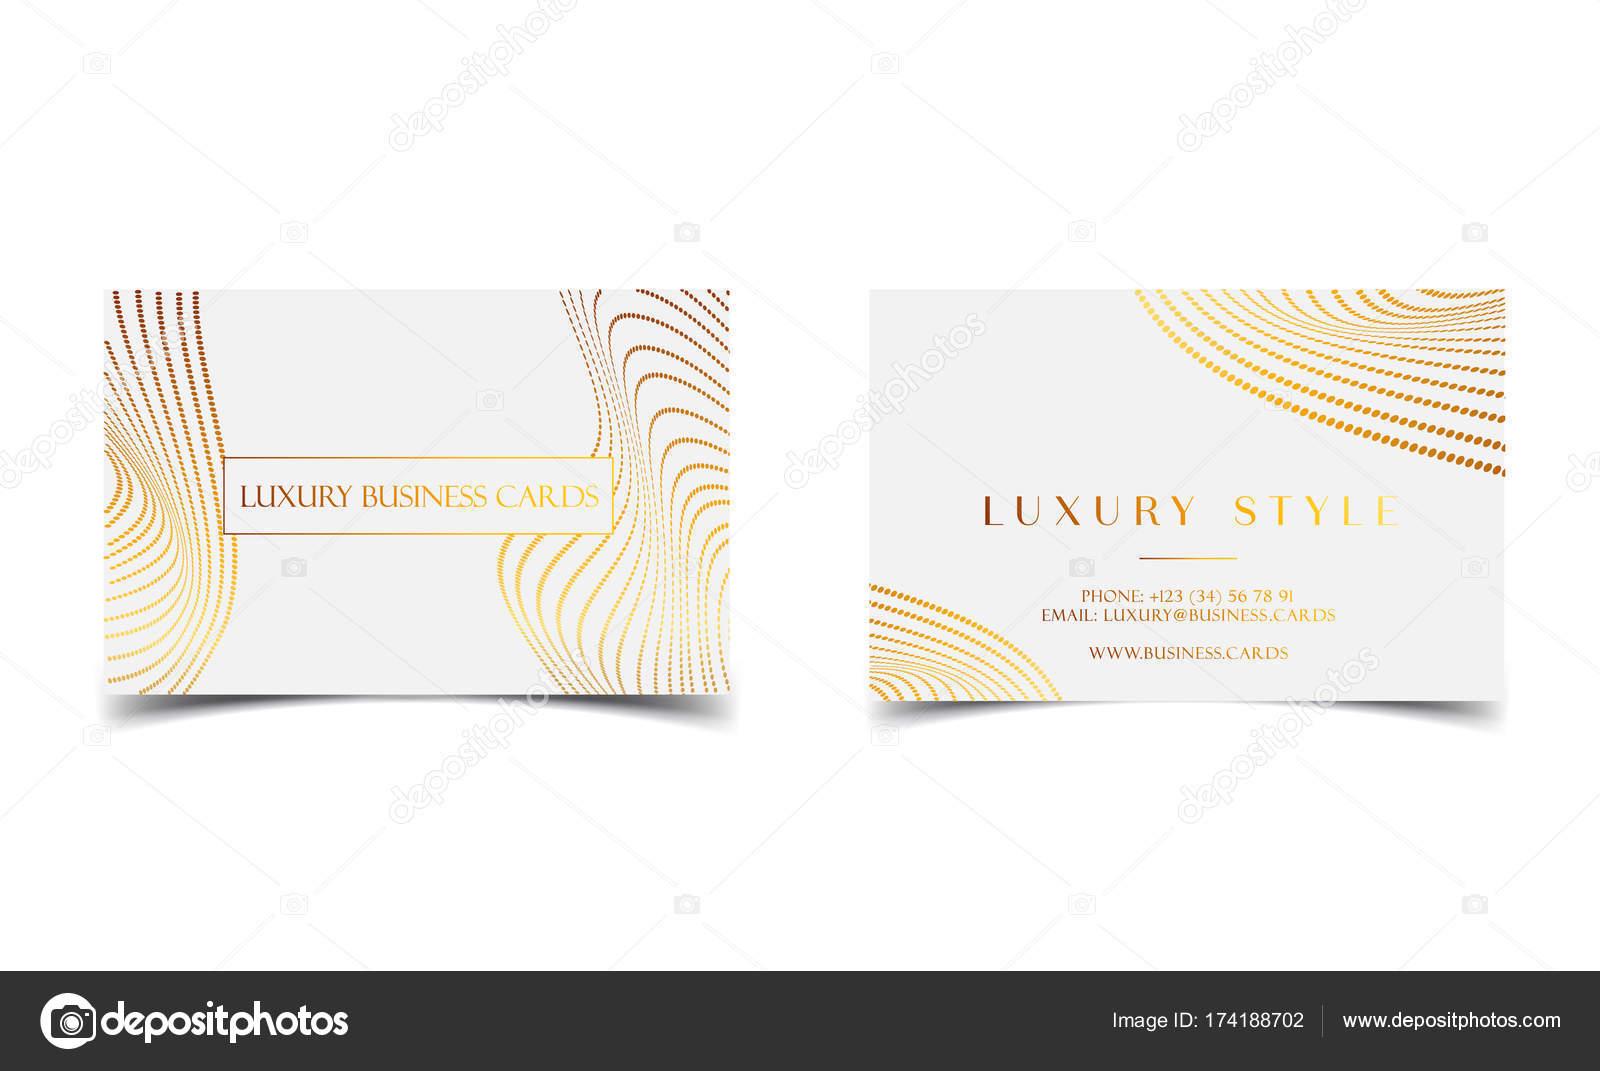 Cartes De Visite Or Blanc Luxe Pour Evenement Vip Elegante Carte Voeux Avec Motif Points Royal Banniere Ou Une Invitation Des Details La